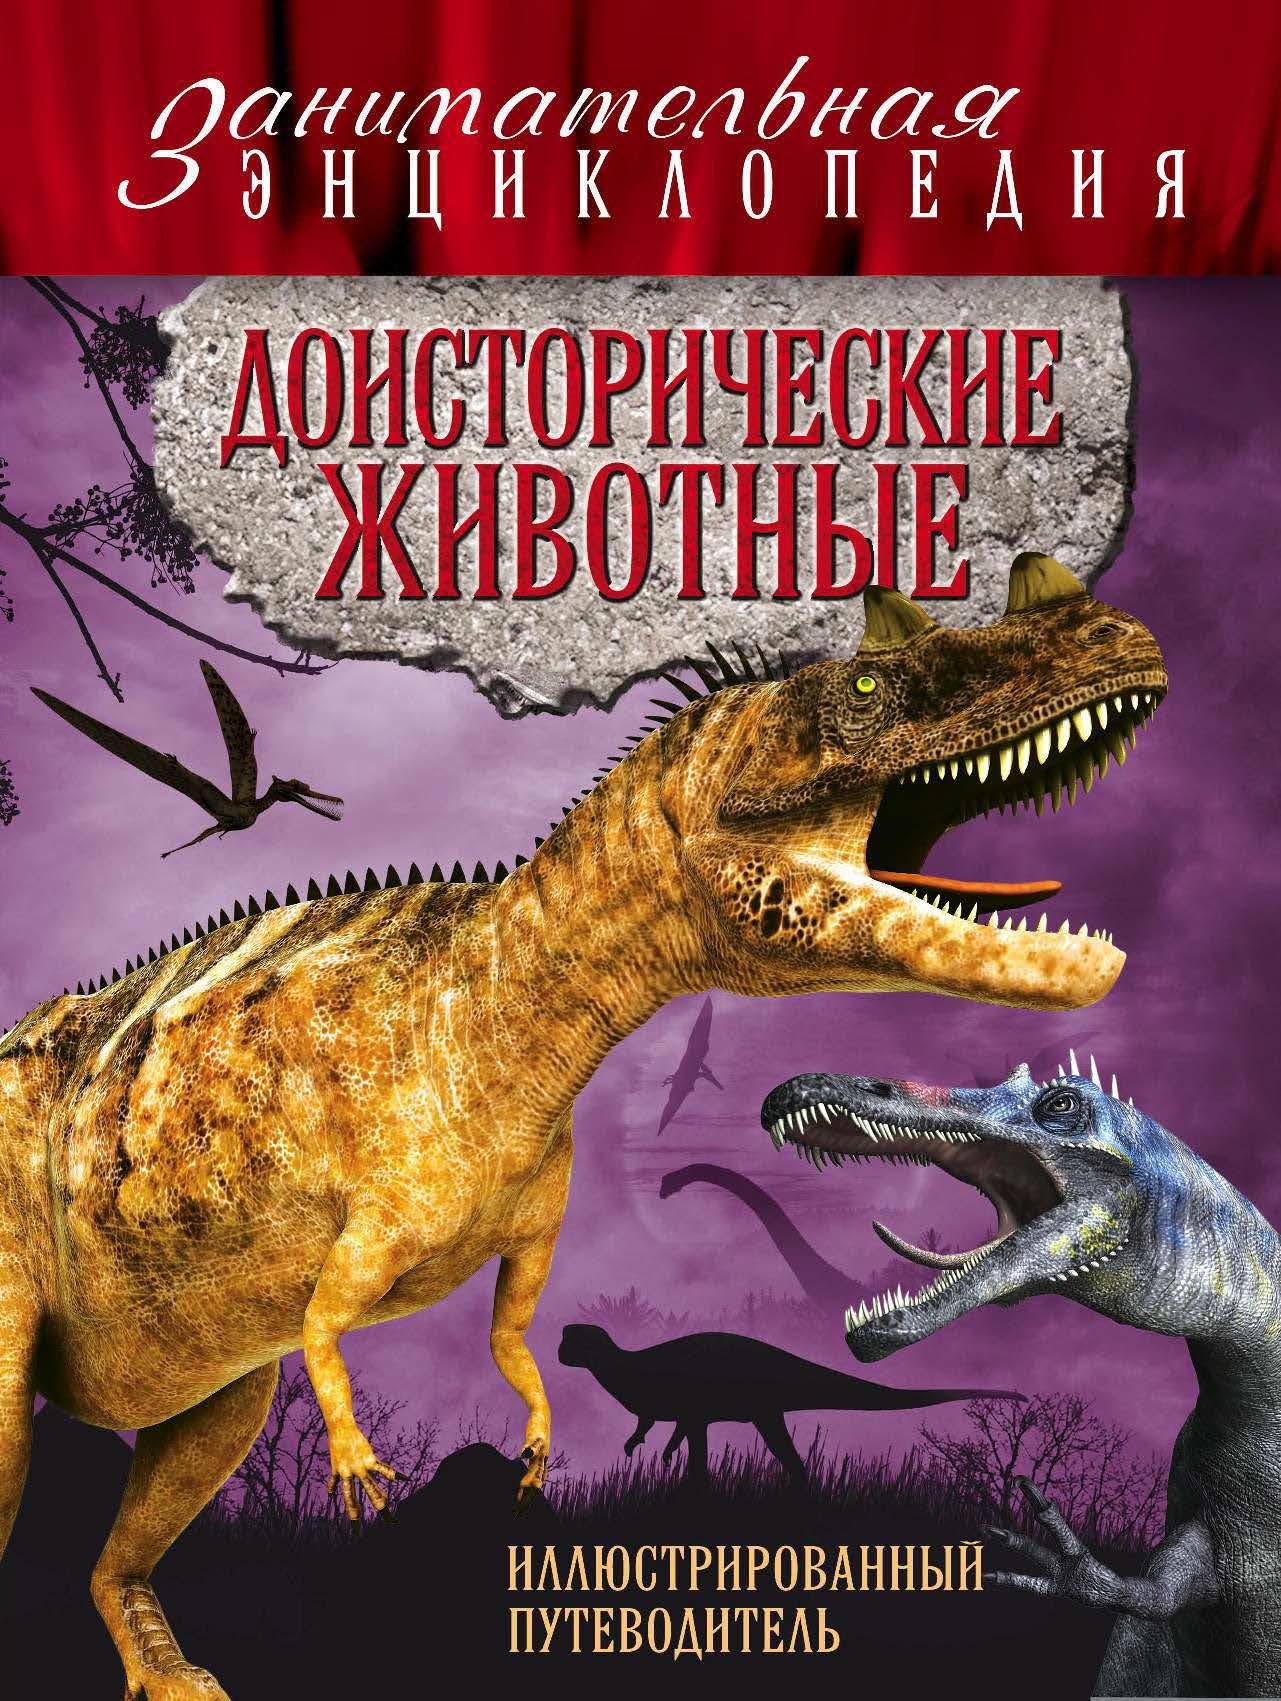 Виктория Владимирова Доисторические животные: иллюстрированный путеводитель clever коллекция костей динозавры и другие доисторические животные р колсон